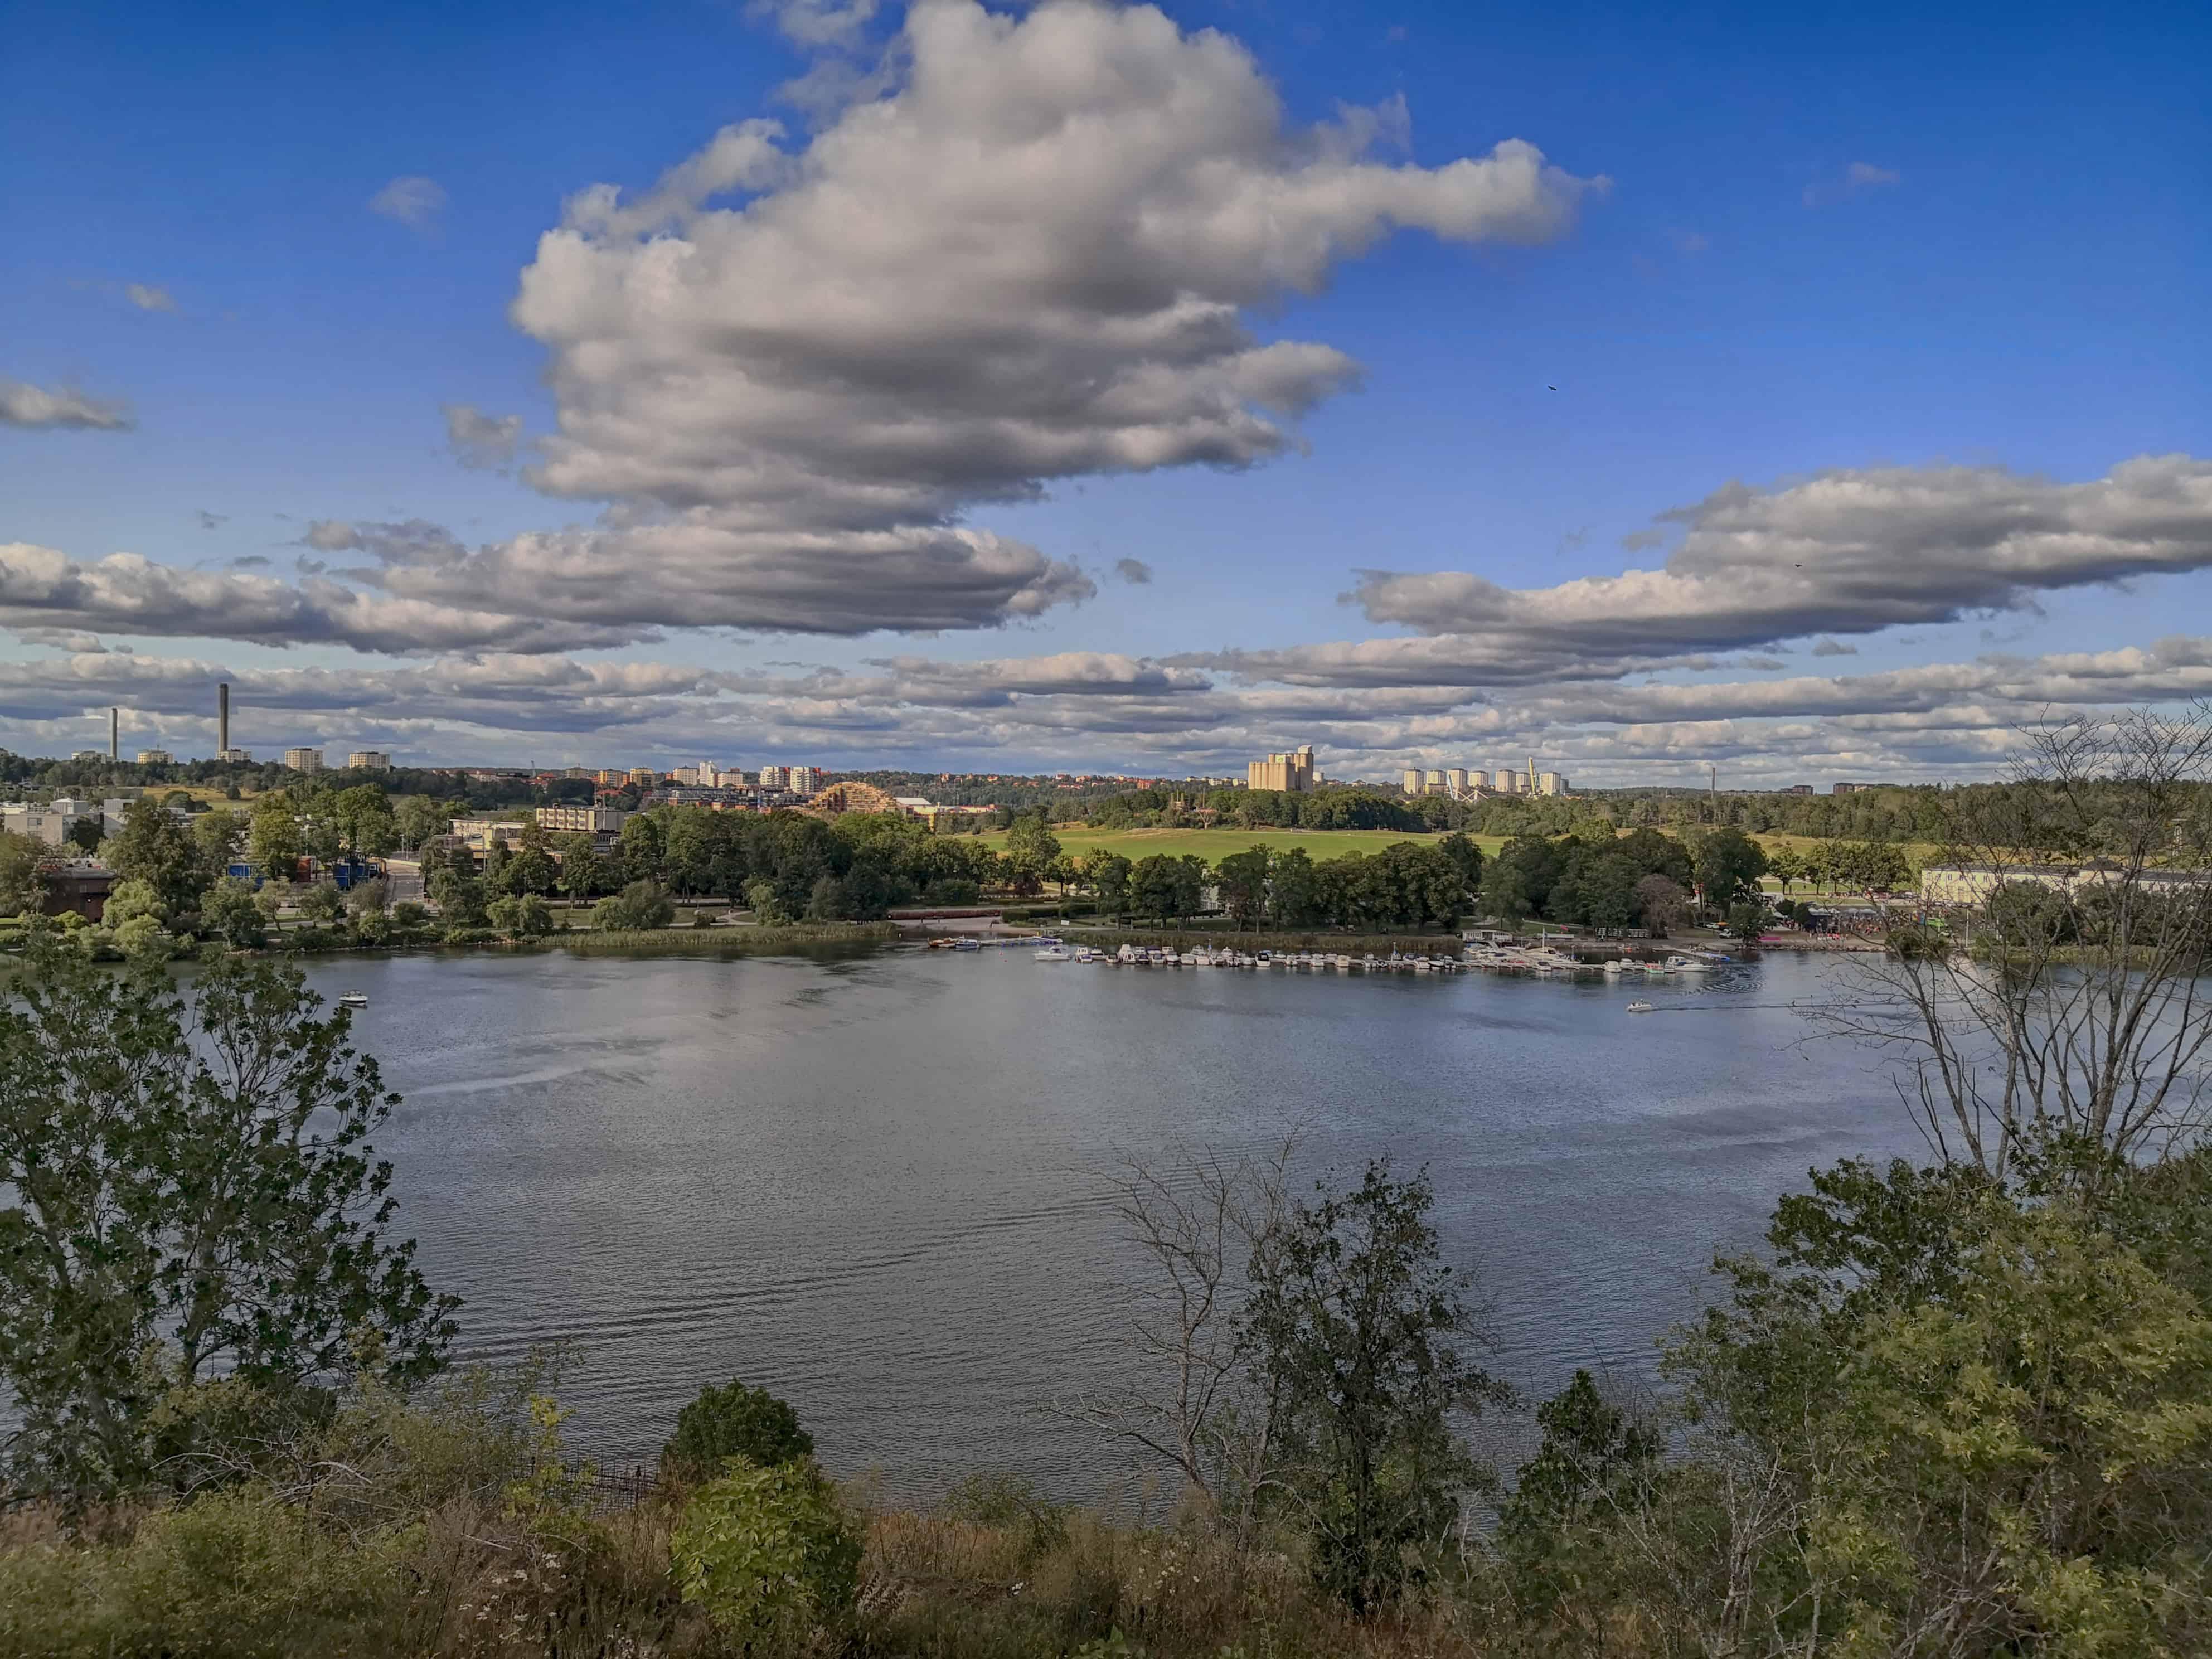 Φωτογραφίες από την Στοκχόλμη με smartphone